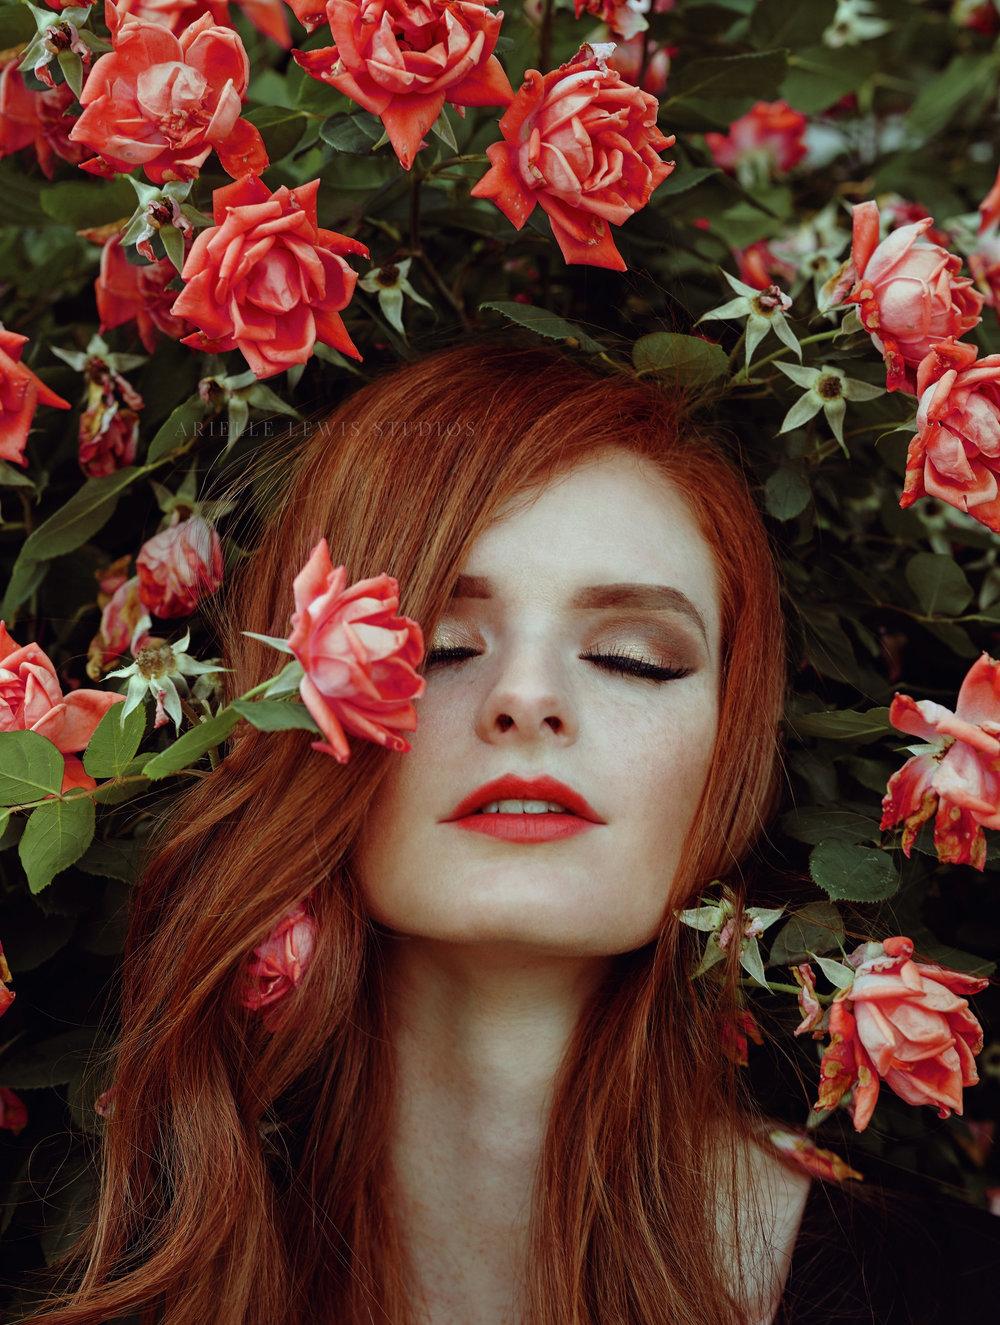 floral_moody_redhead_portrait.jpg